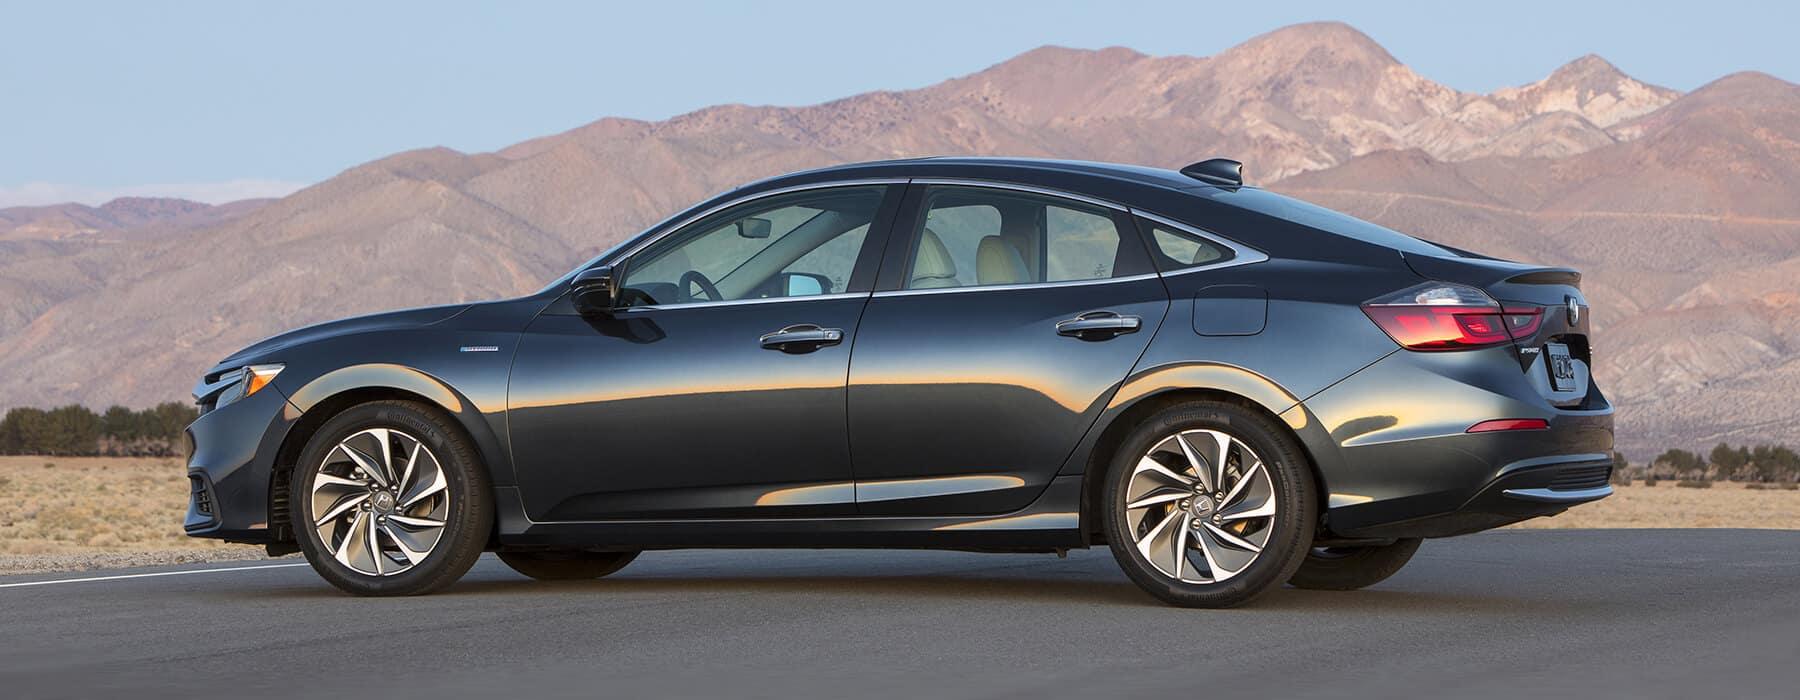 2020 Honda Insight Hybrid Background